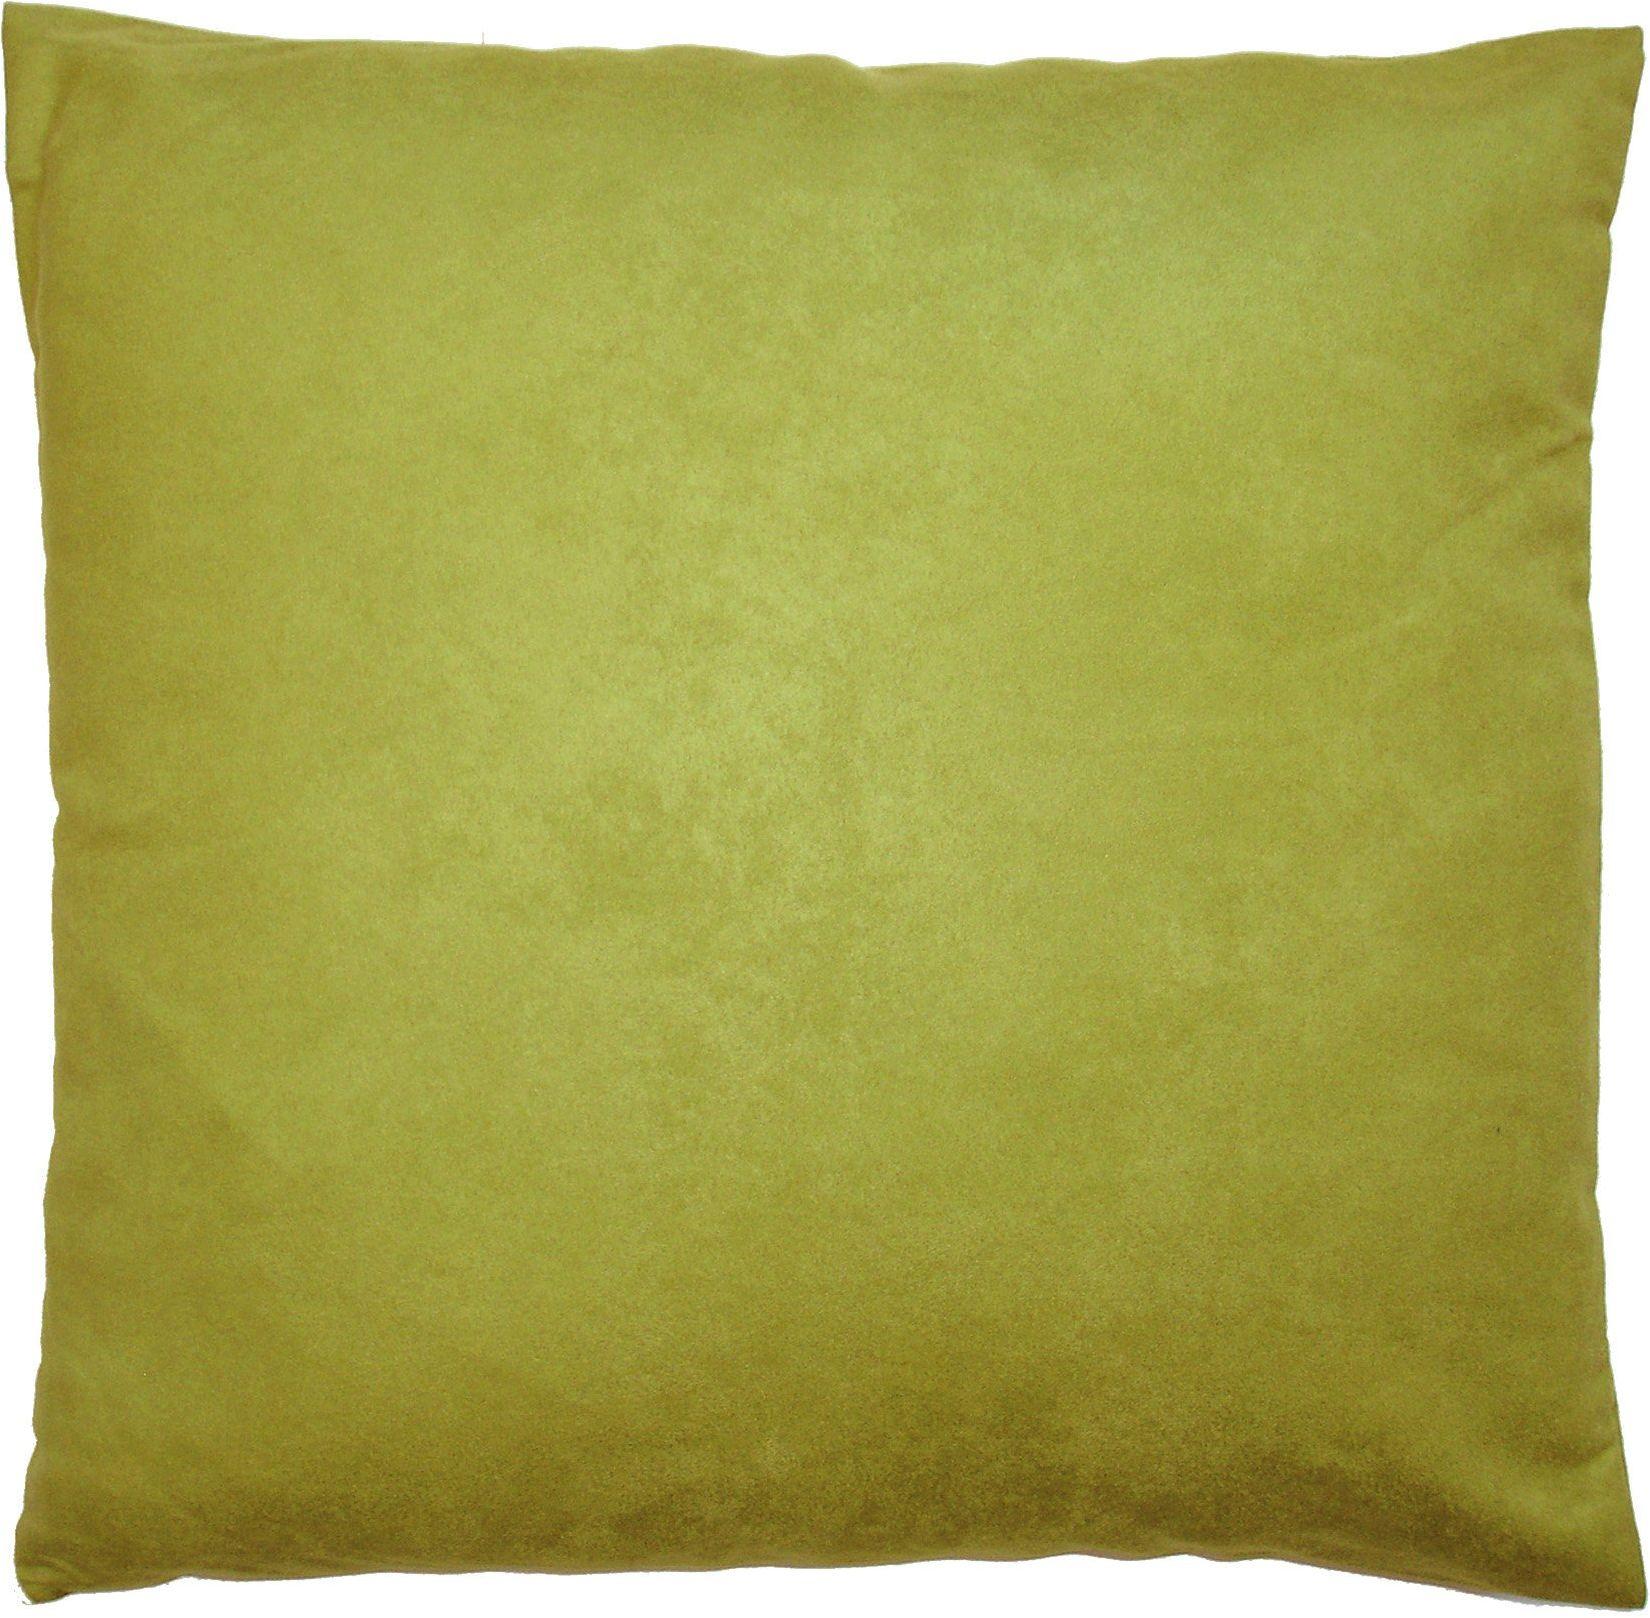 Bel Air Picadilly 0SG1001-0057 poduszka z sztucznego jedwabiu, odporna na zabrudzenia, z zamkiem błyskawicznym, 45 x 45 cm, pianka